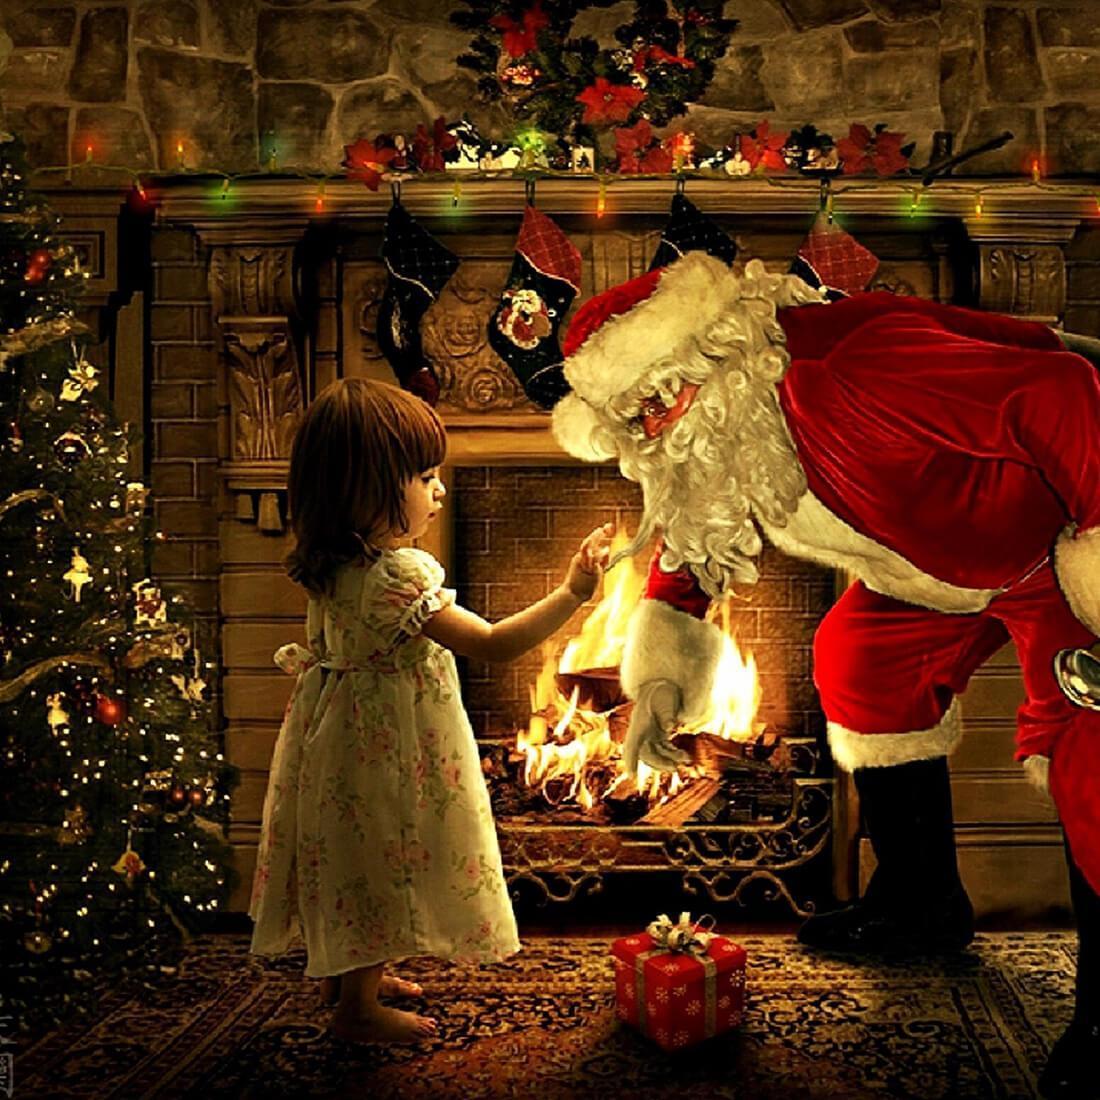 Sfondi Babbo Natale.Babbo Natale Sfondi Animati For Android Apk Download